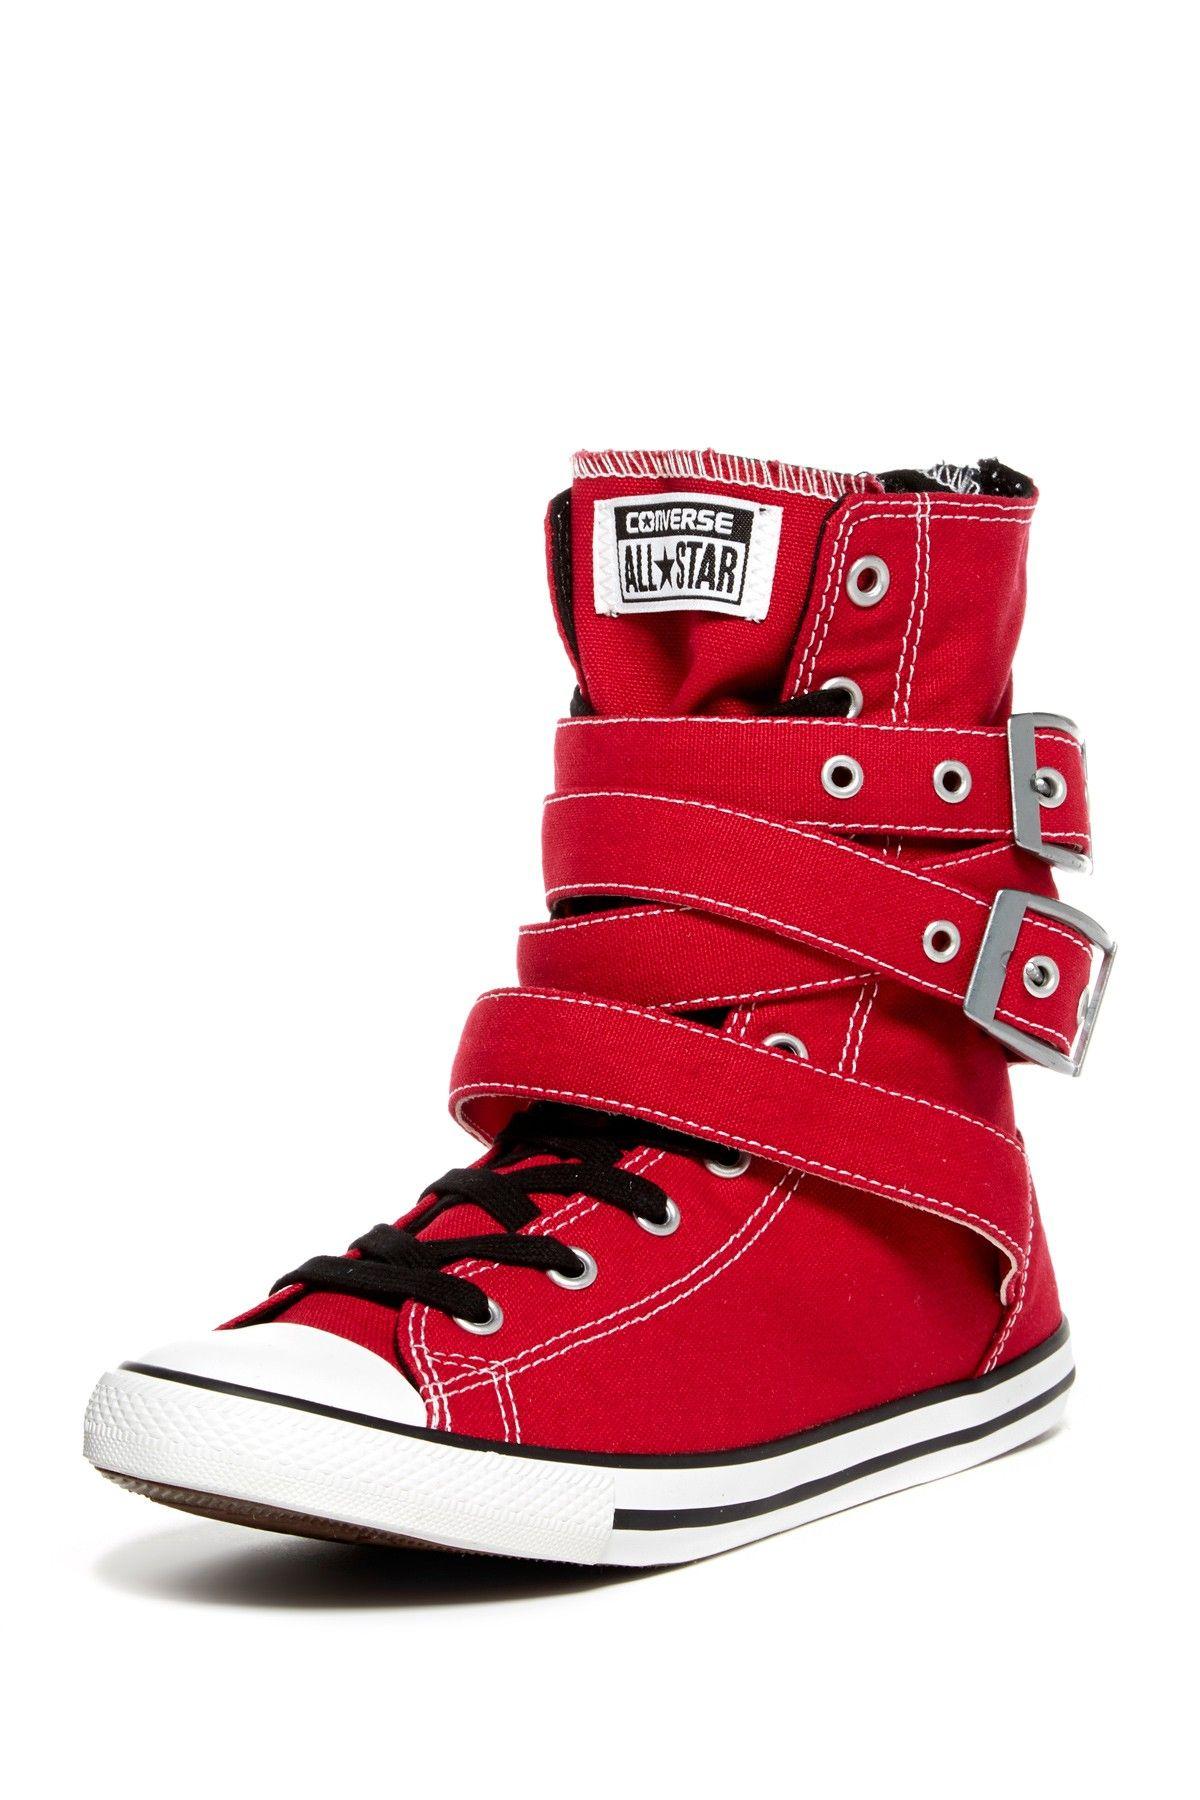 stivali della converse